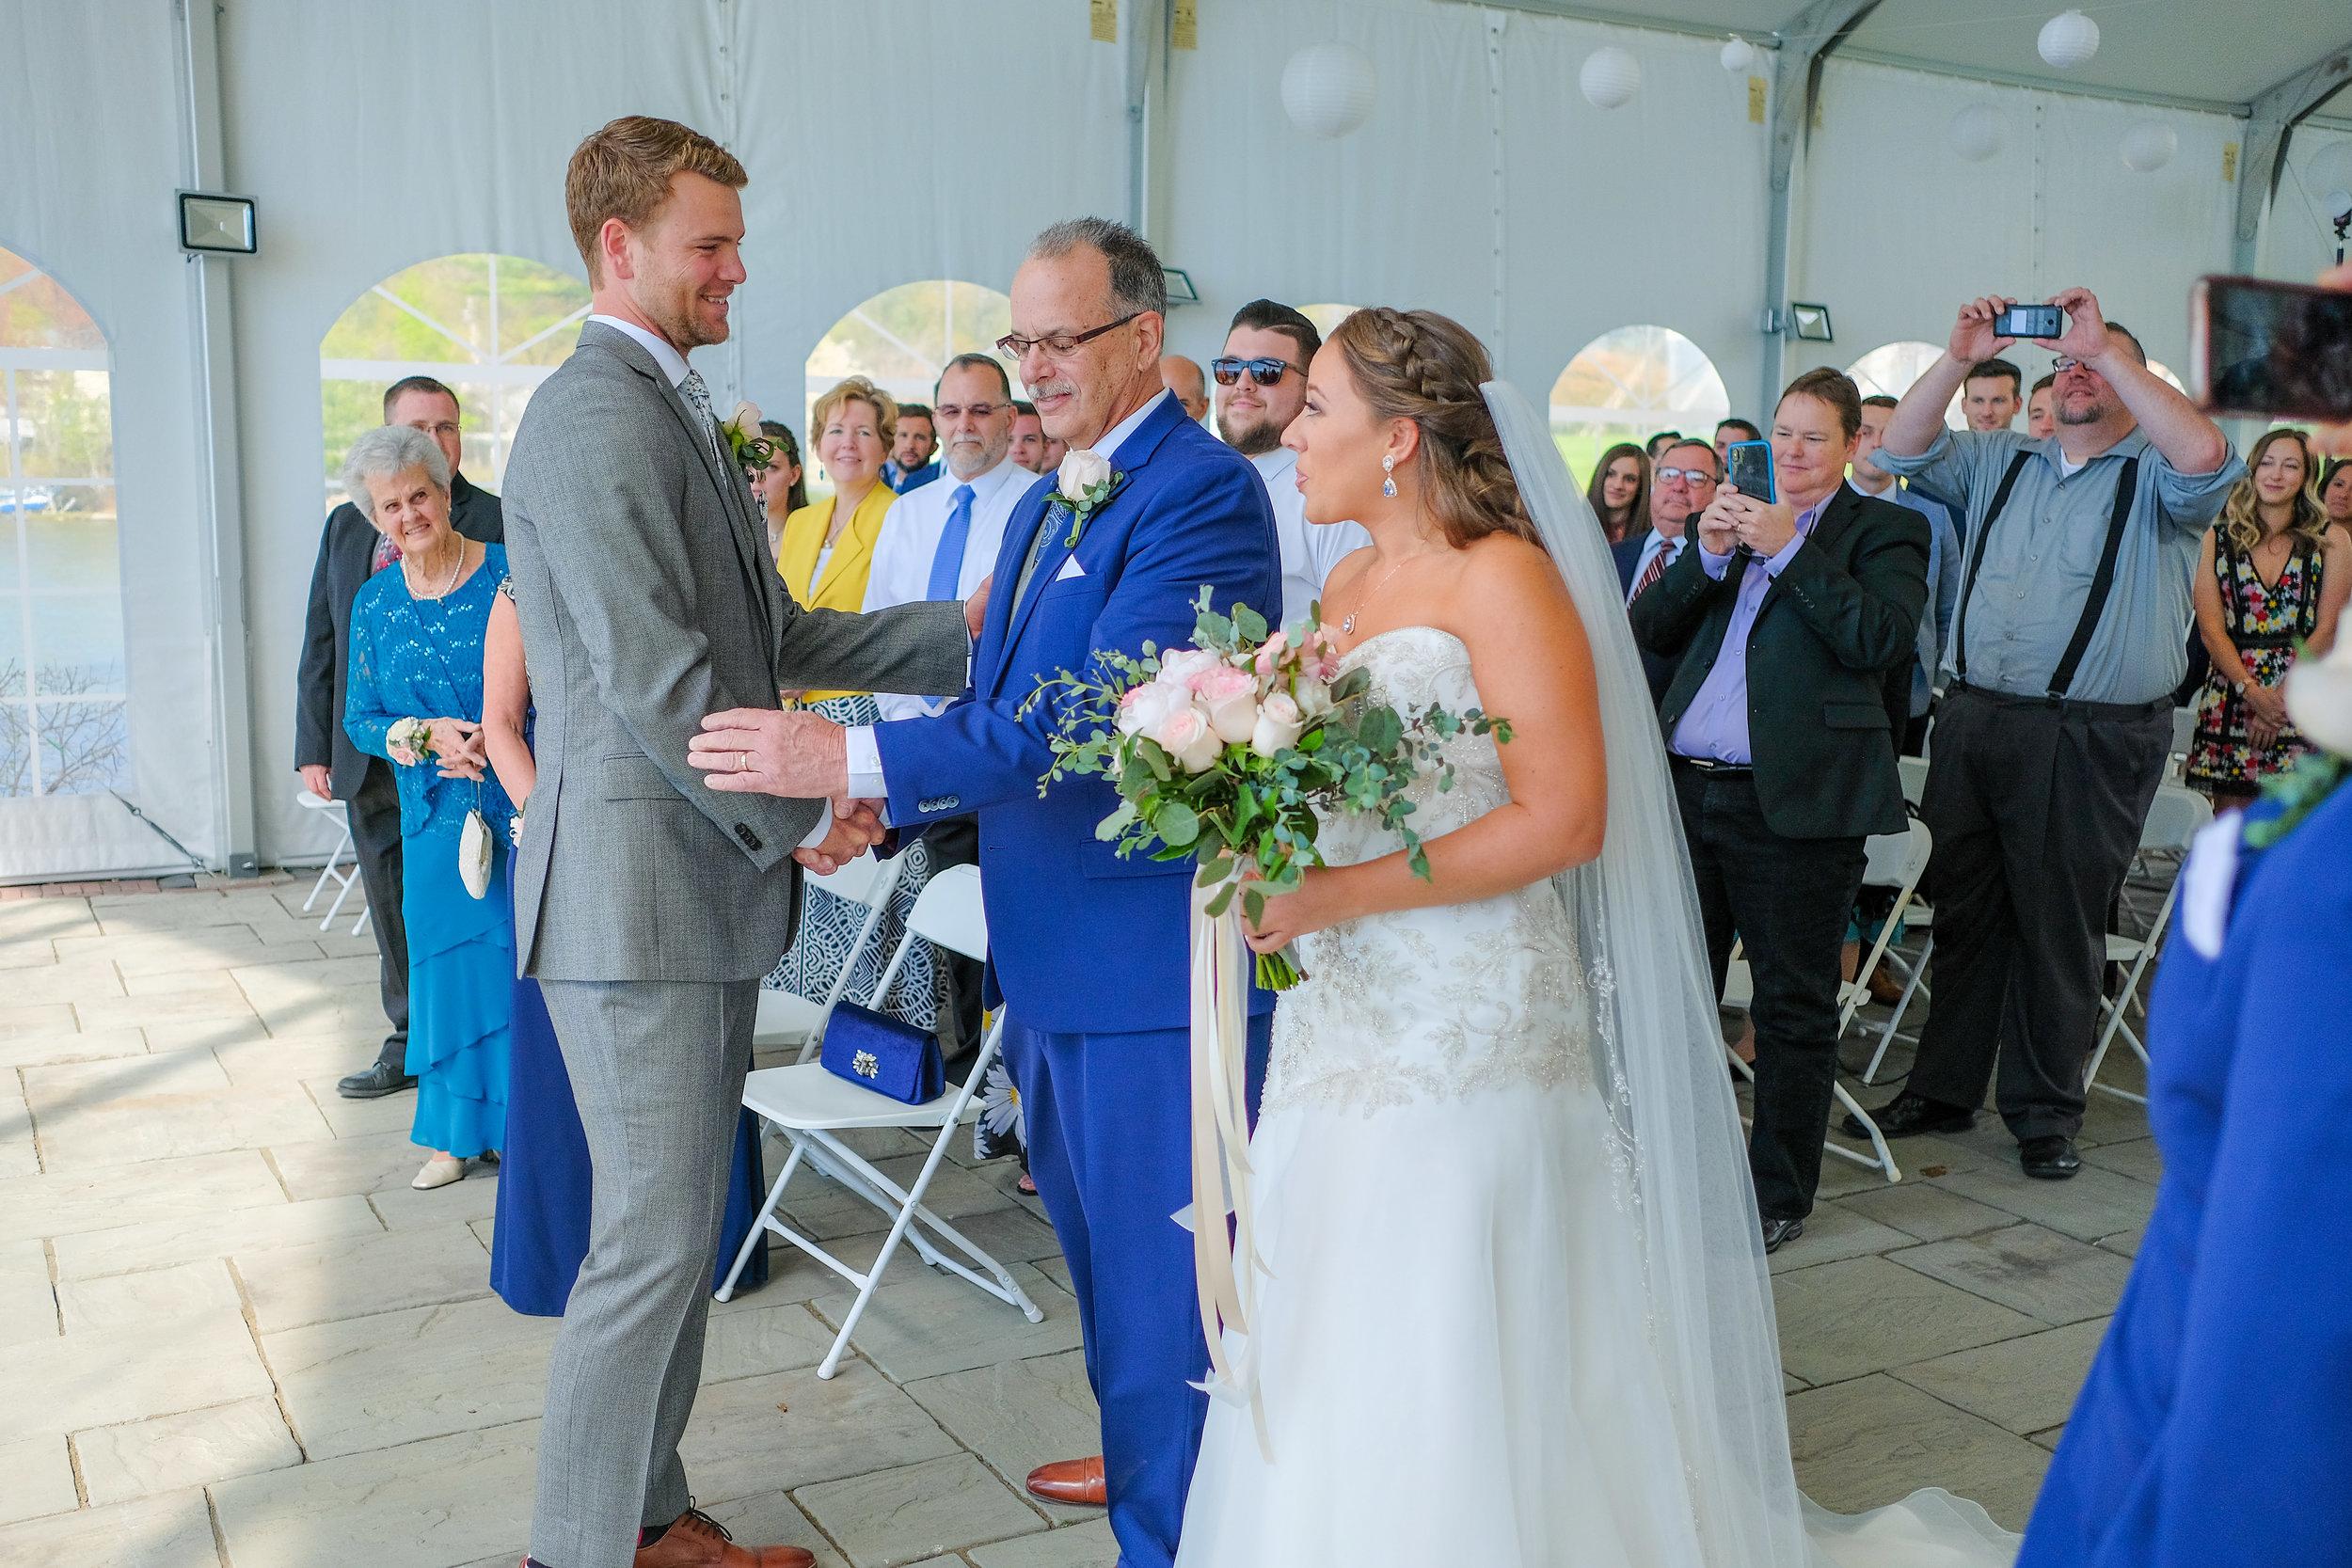 laconia-margate-wedding-photography-221.jpg